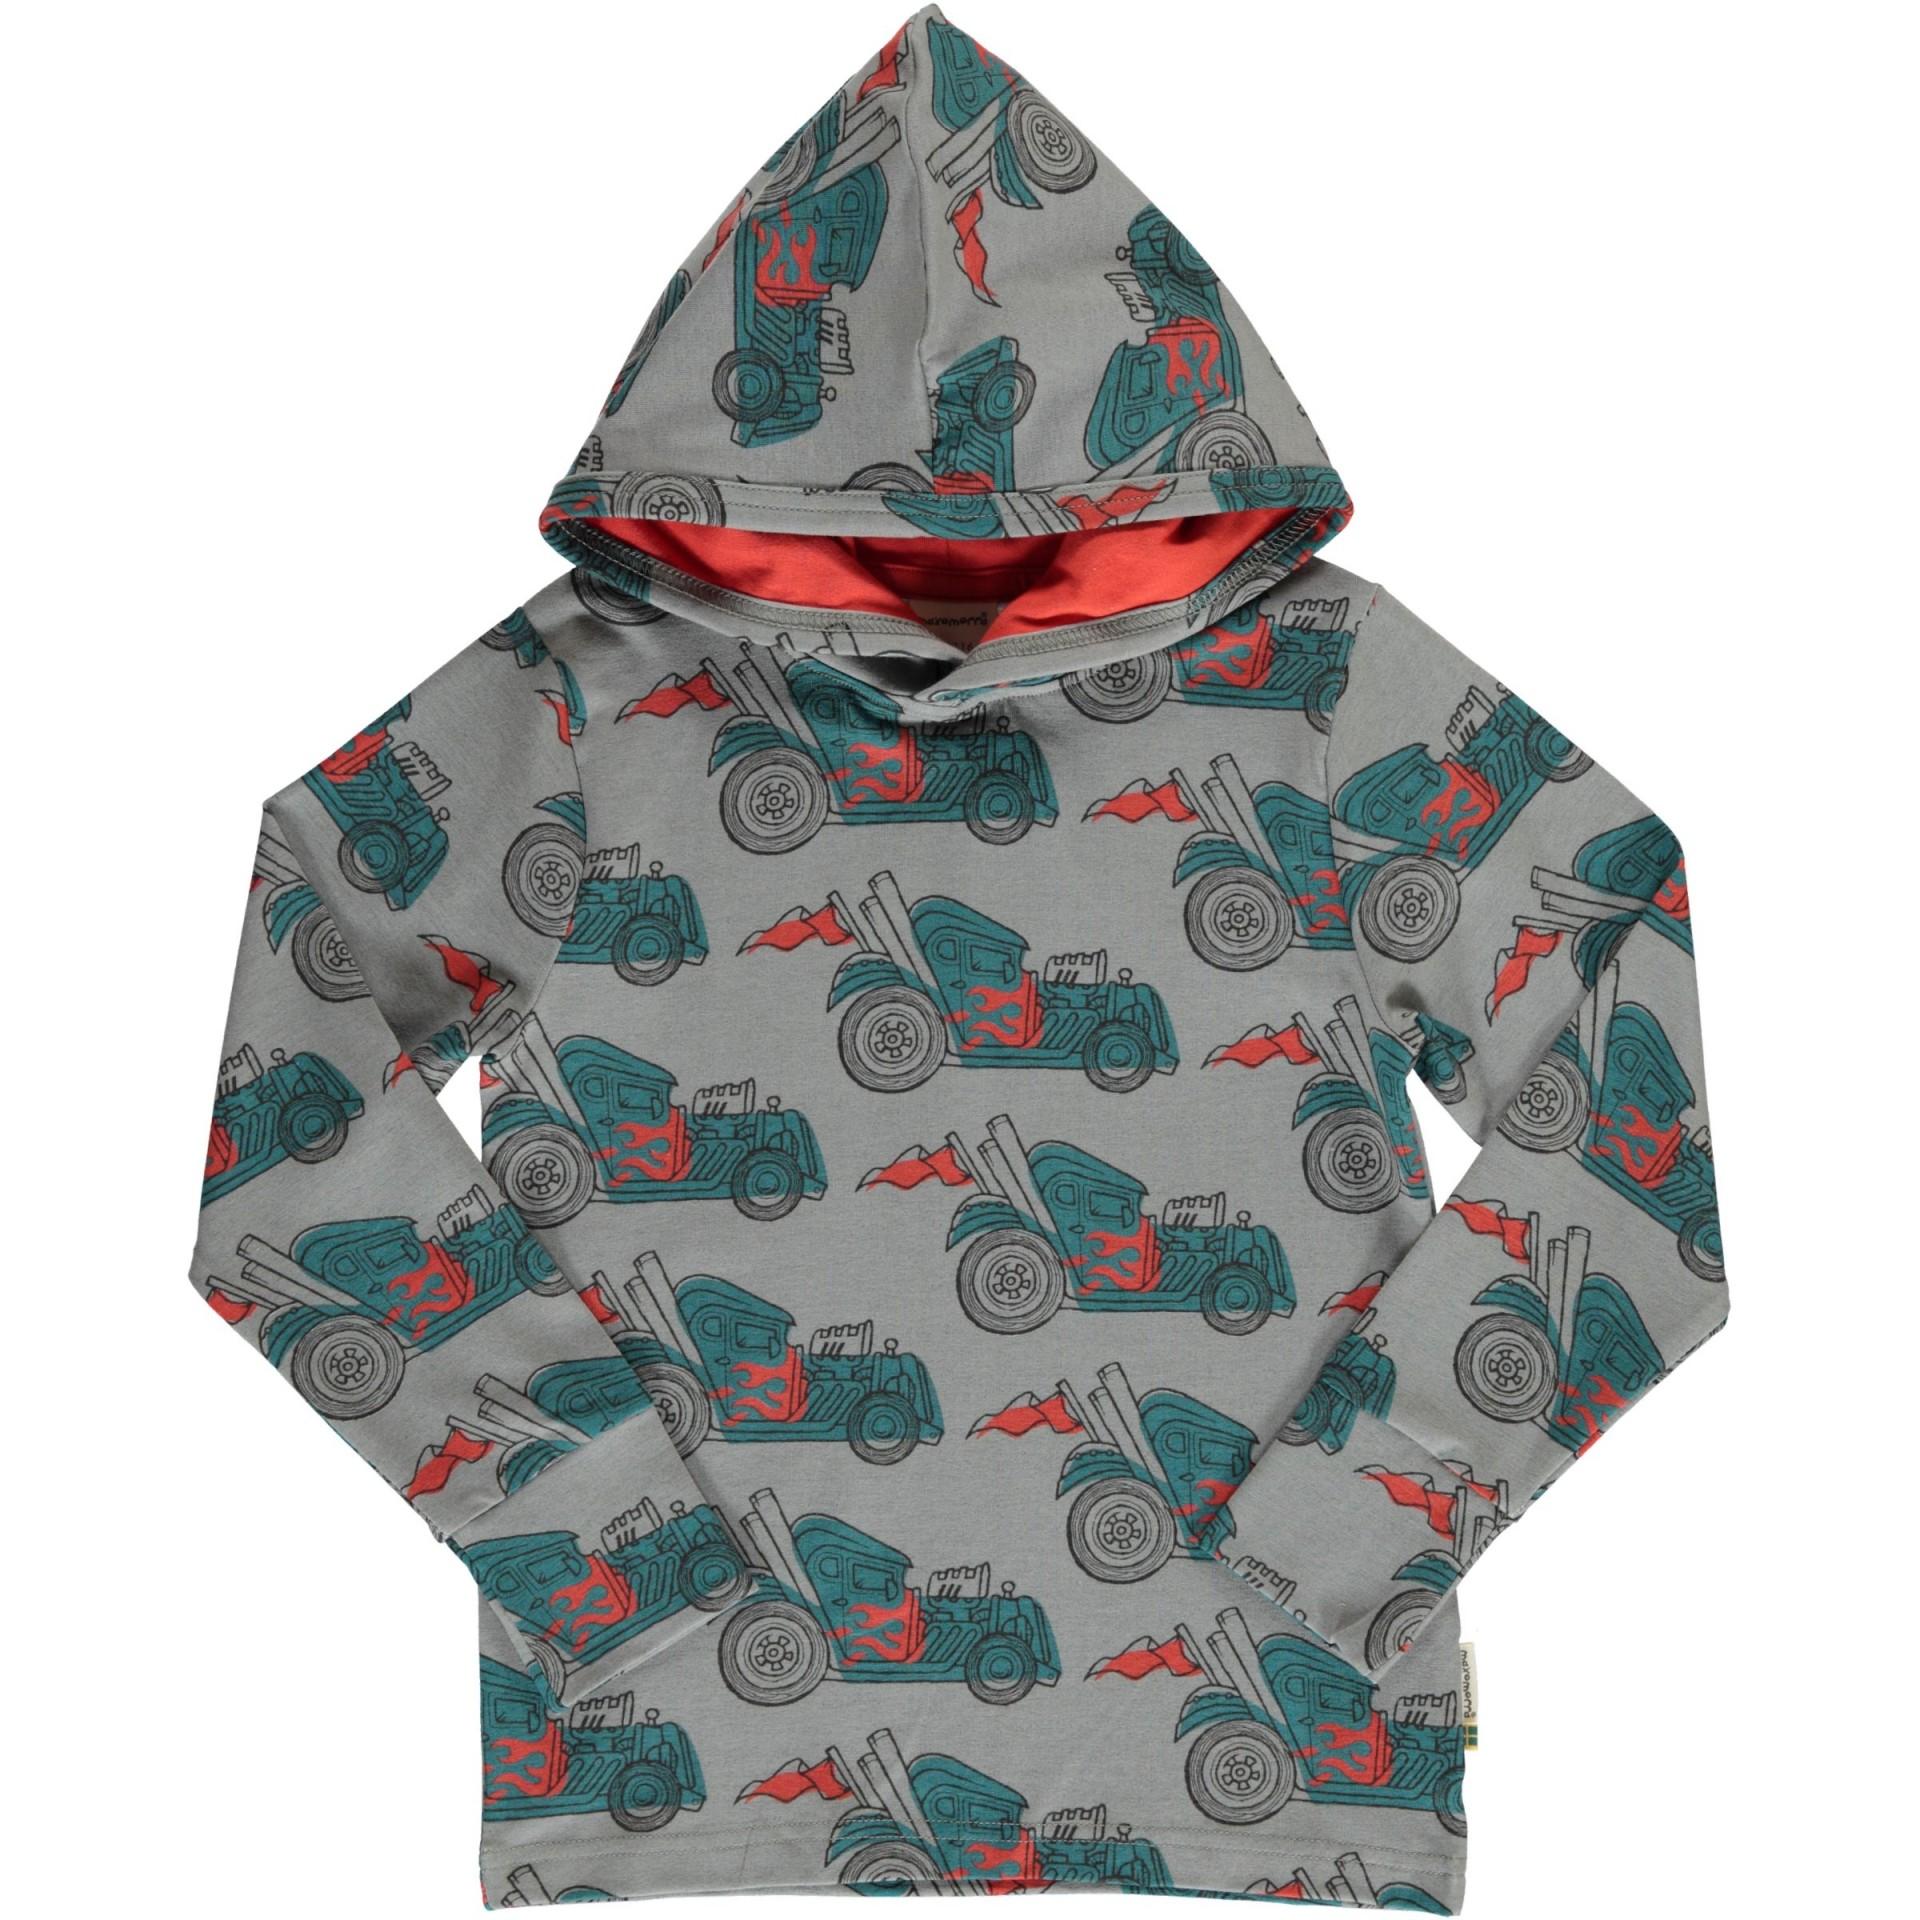 Camisola com capuz Hot Rod Maxomorra (Tamanhos disponíveis 18-24 m, 3-4 a, 5-6a)